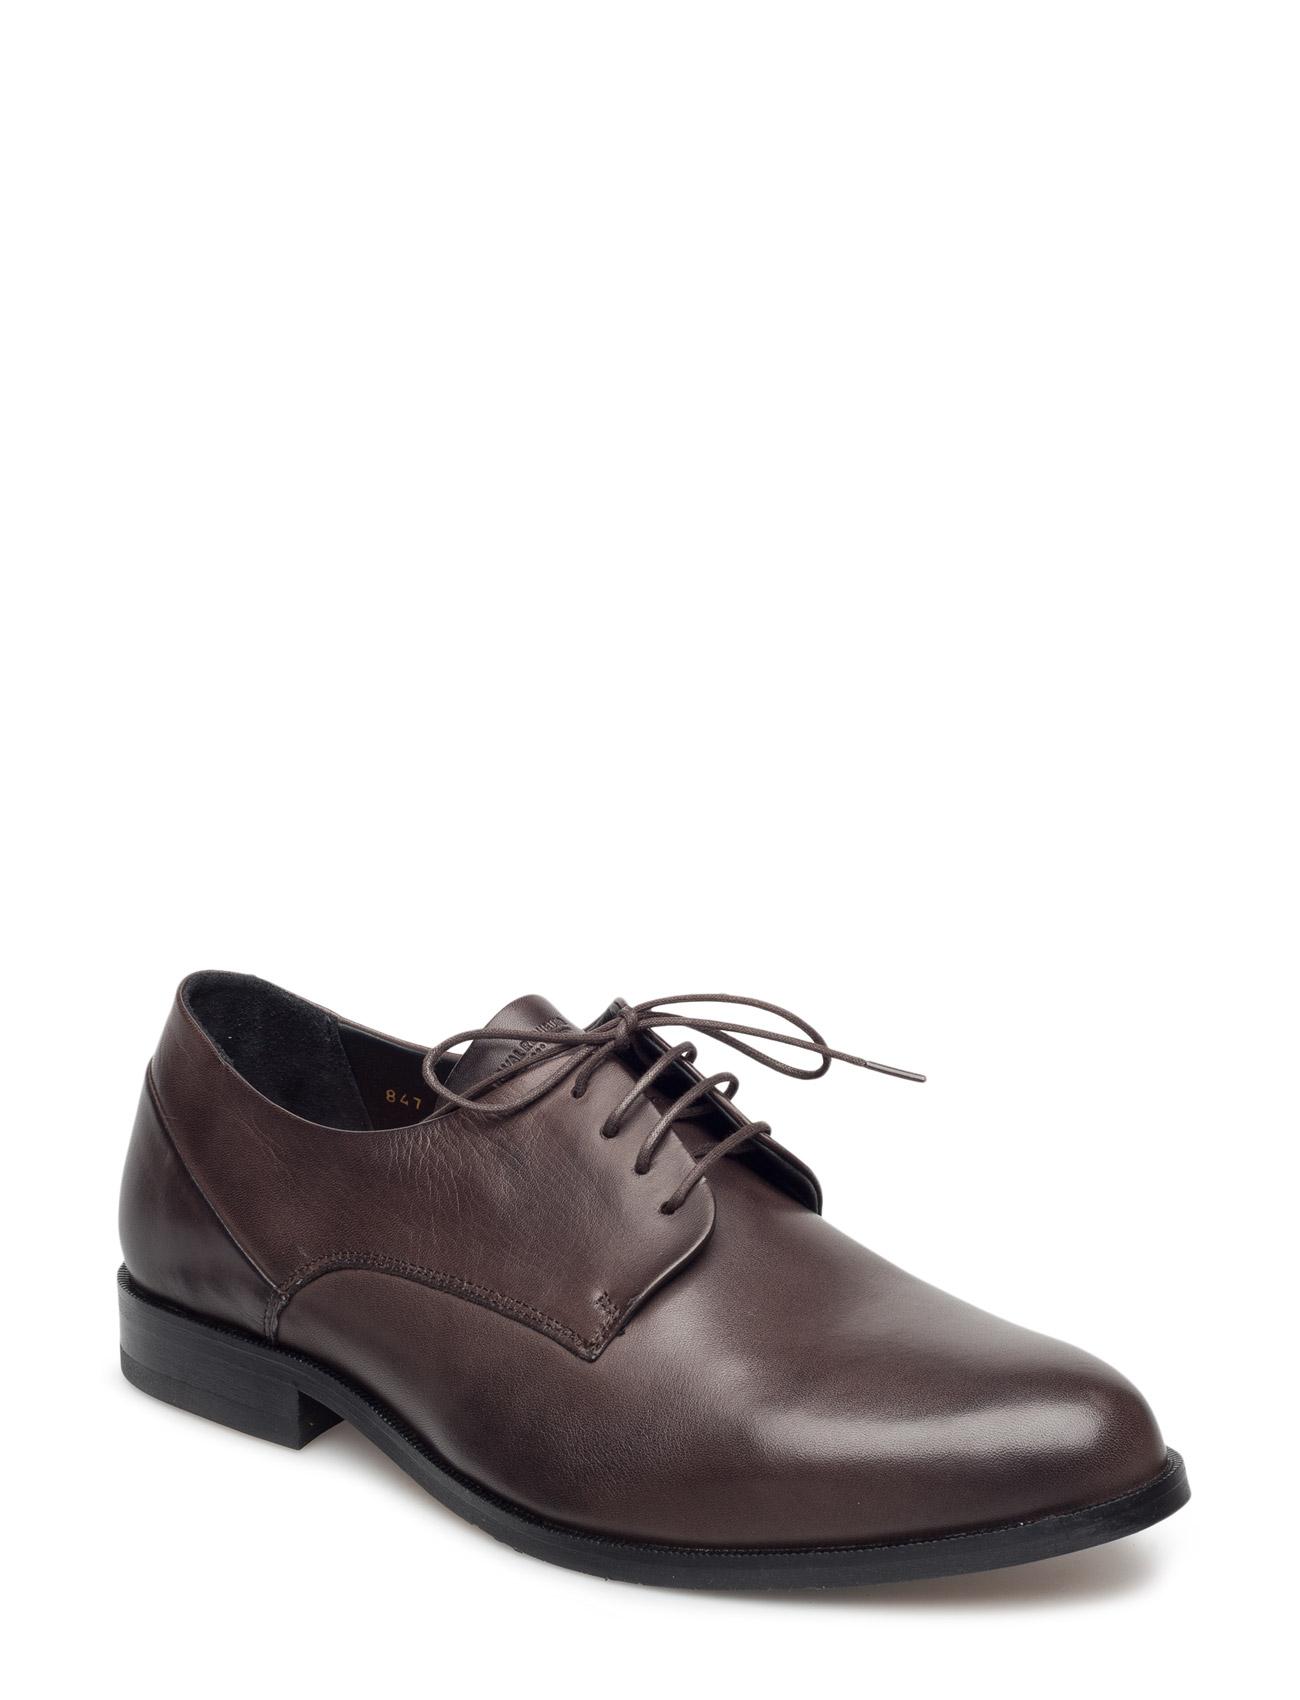 Border Derby Shoe Royal RepubliQ Business til Mænd i Sort